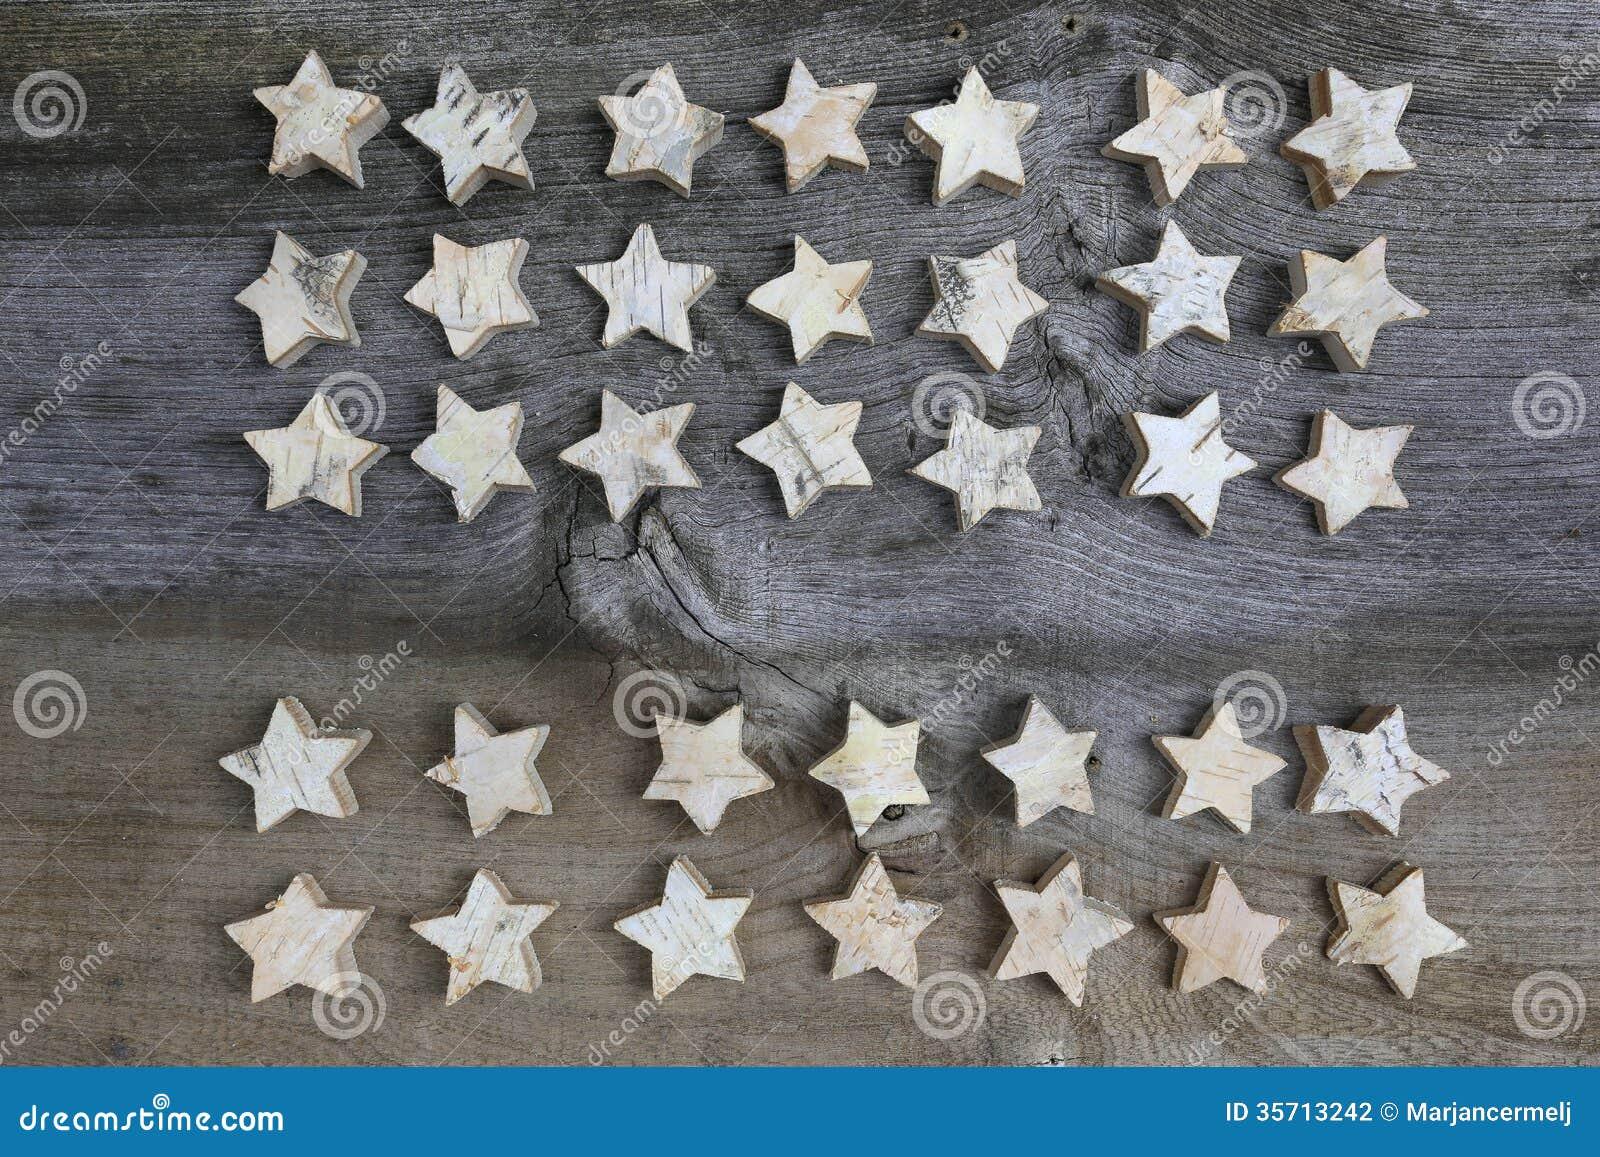 #82A328 Étoiles En Bois De Bouleau De Décoration De Joyeux Noël  5331 décorations de noel avec bouleau 1300x957 px @ aertt.com